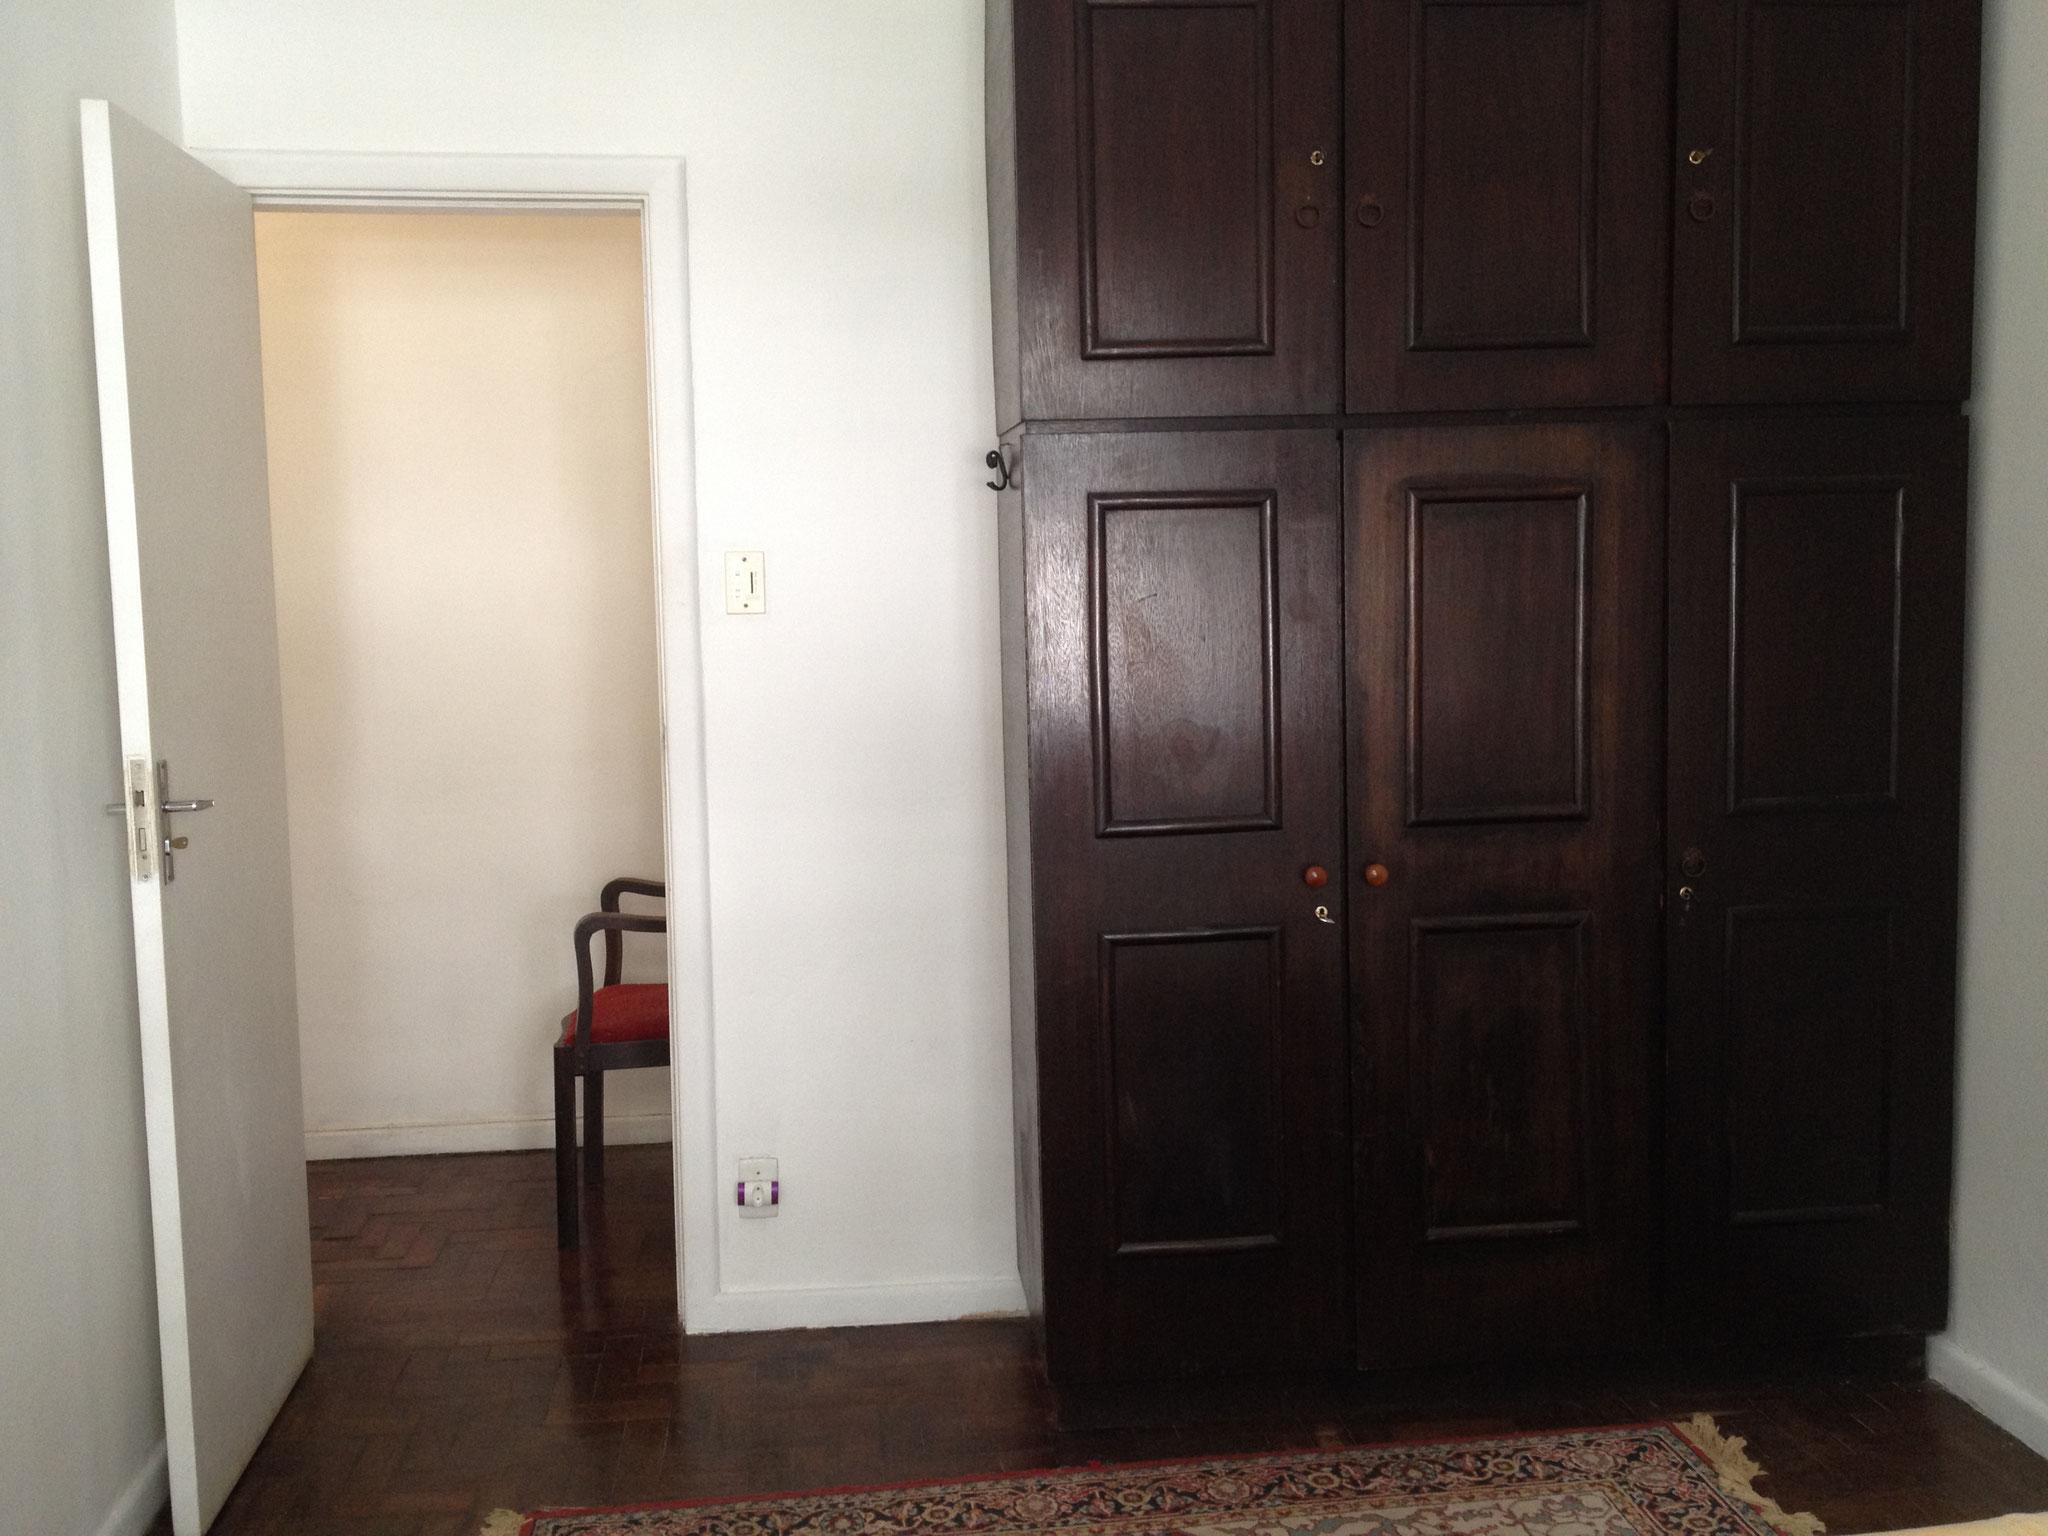 Schrank und Tür